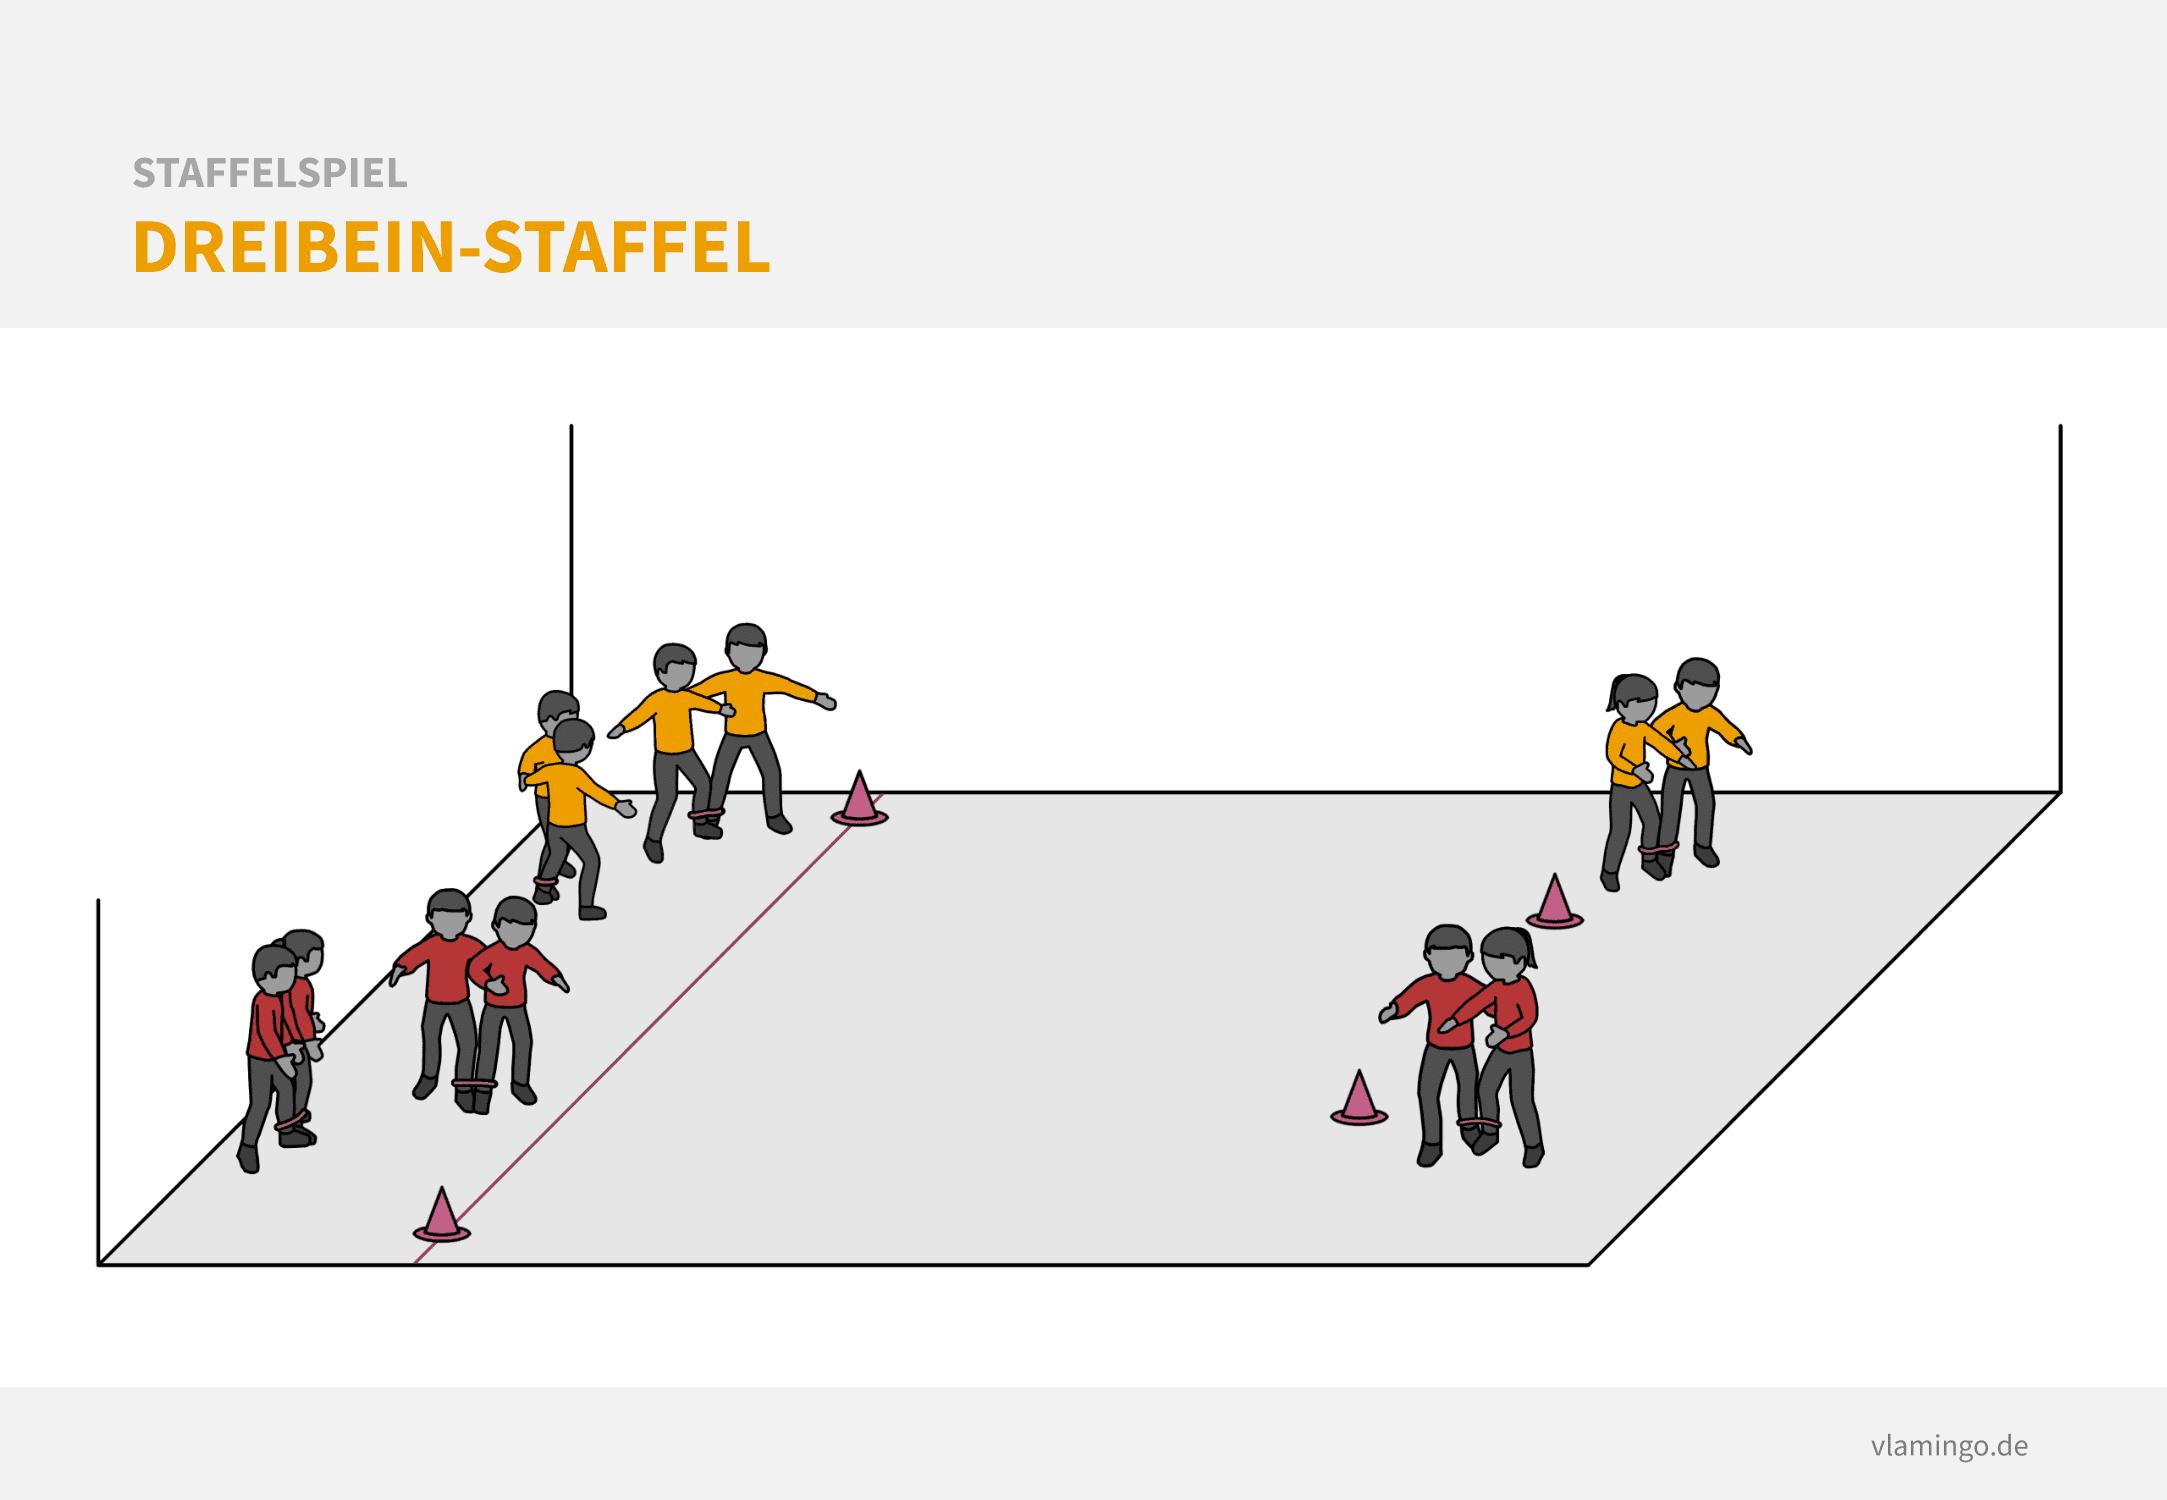 Staffelspiel - Dreibein-Staffel